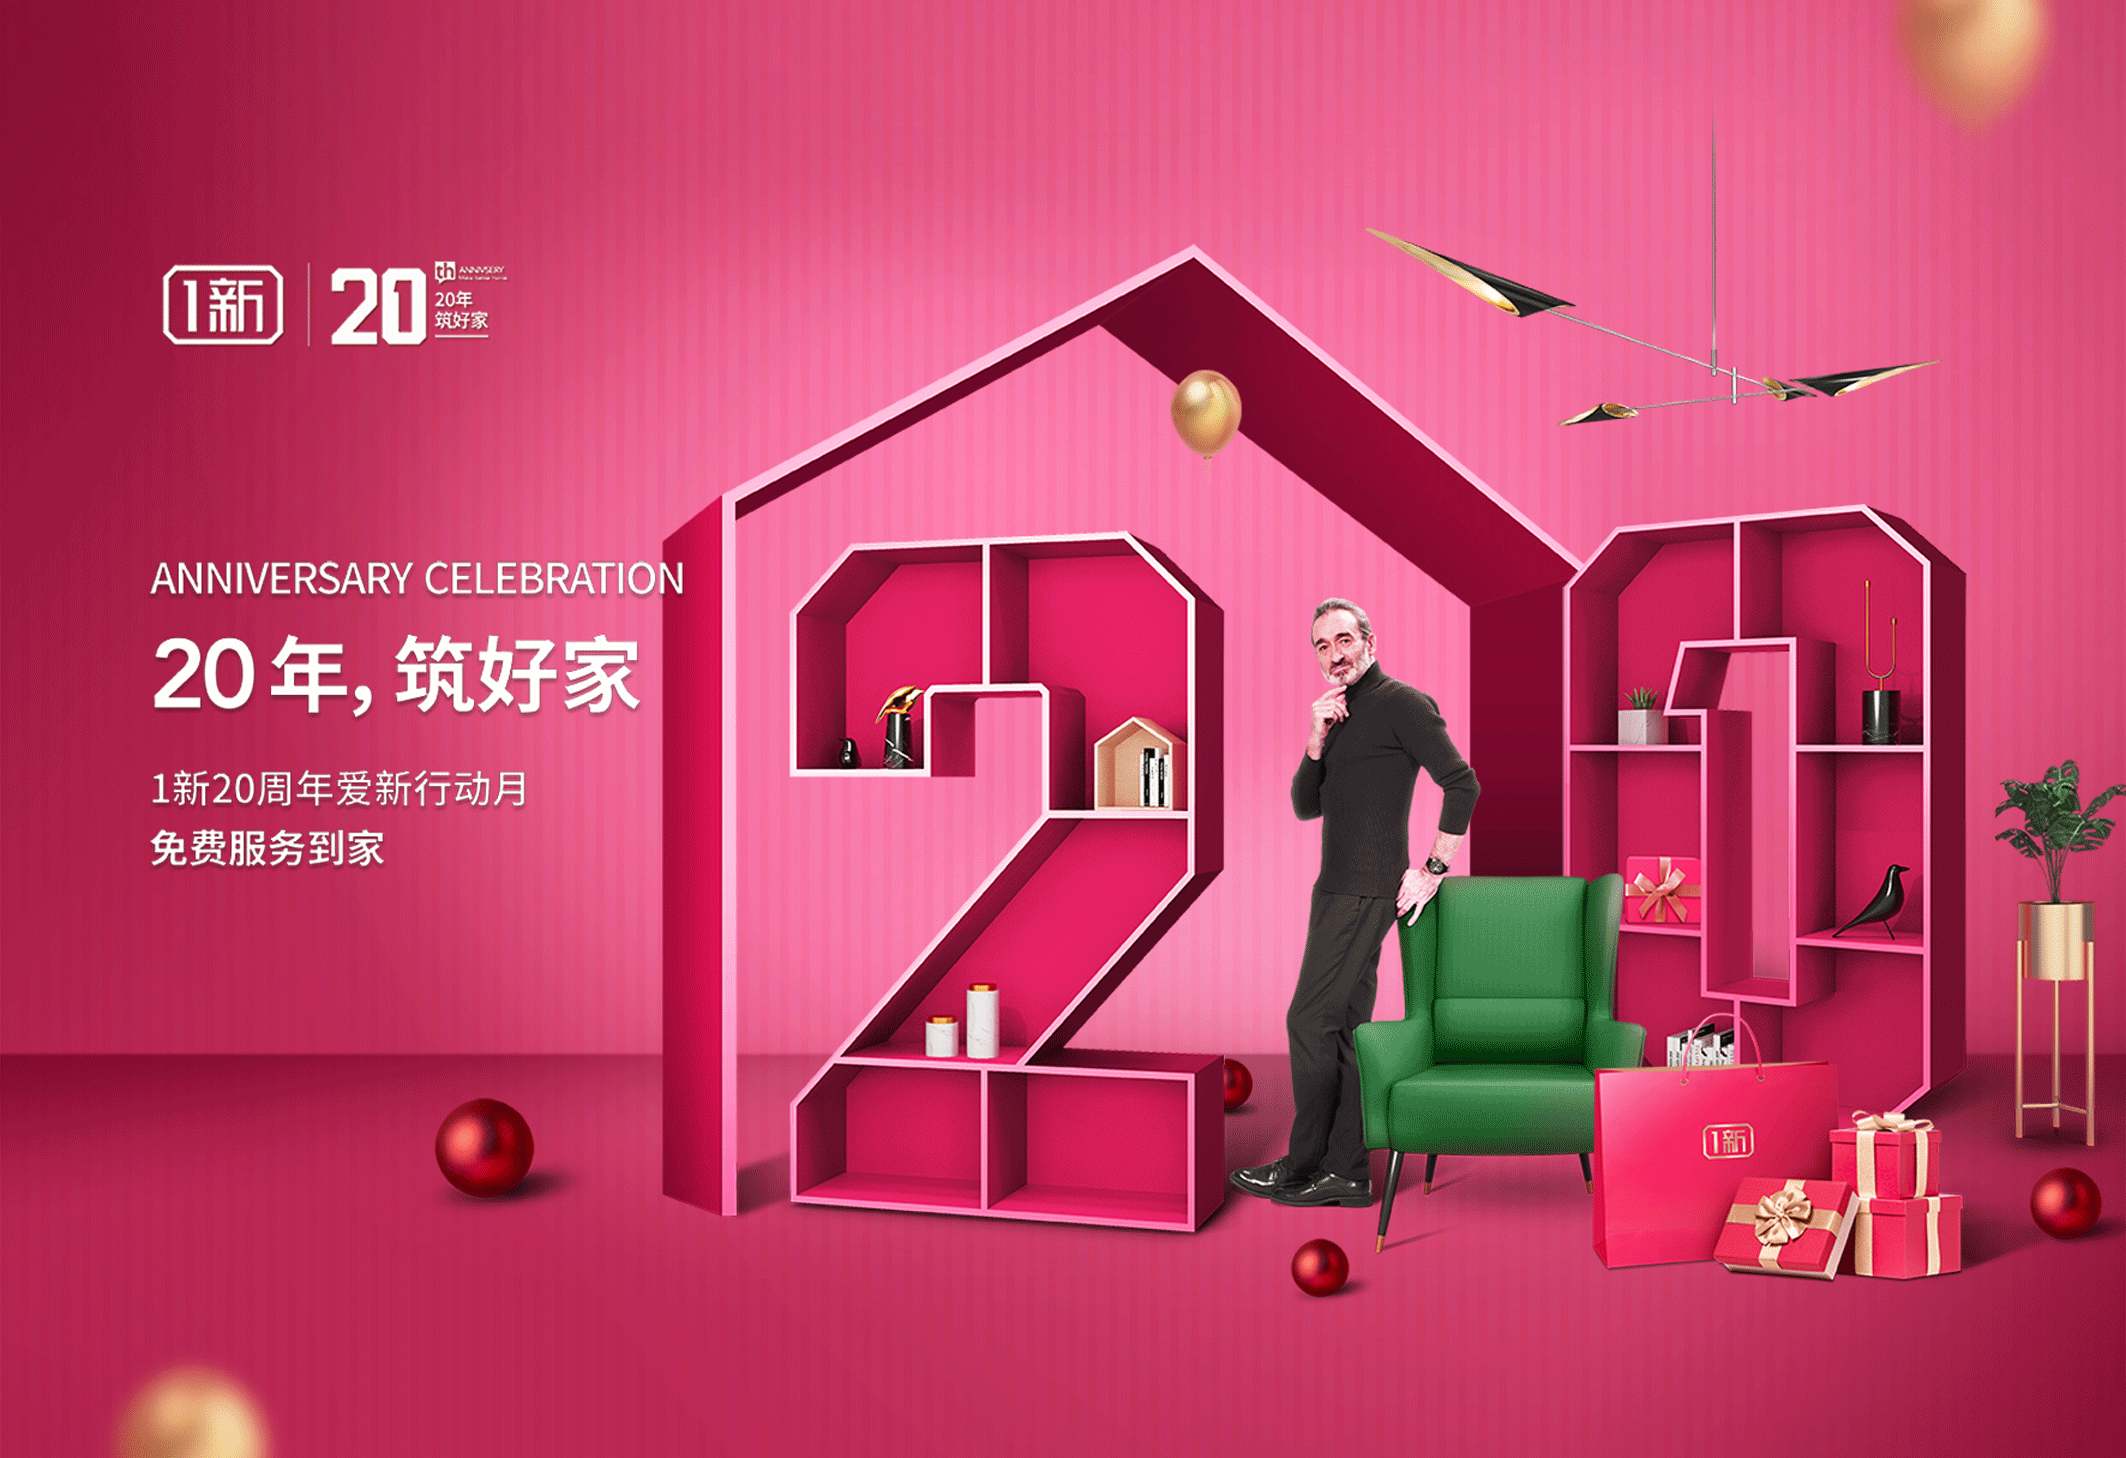 <b>1新20年,用心筑好家</b>